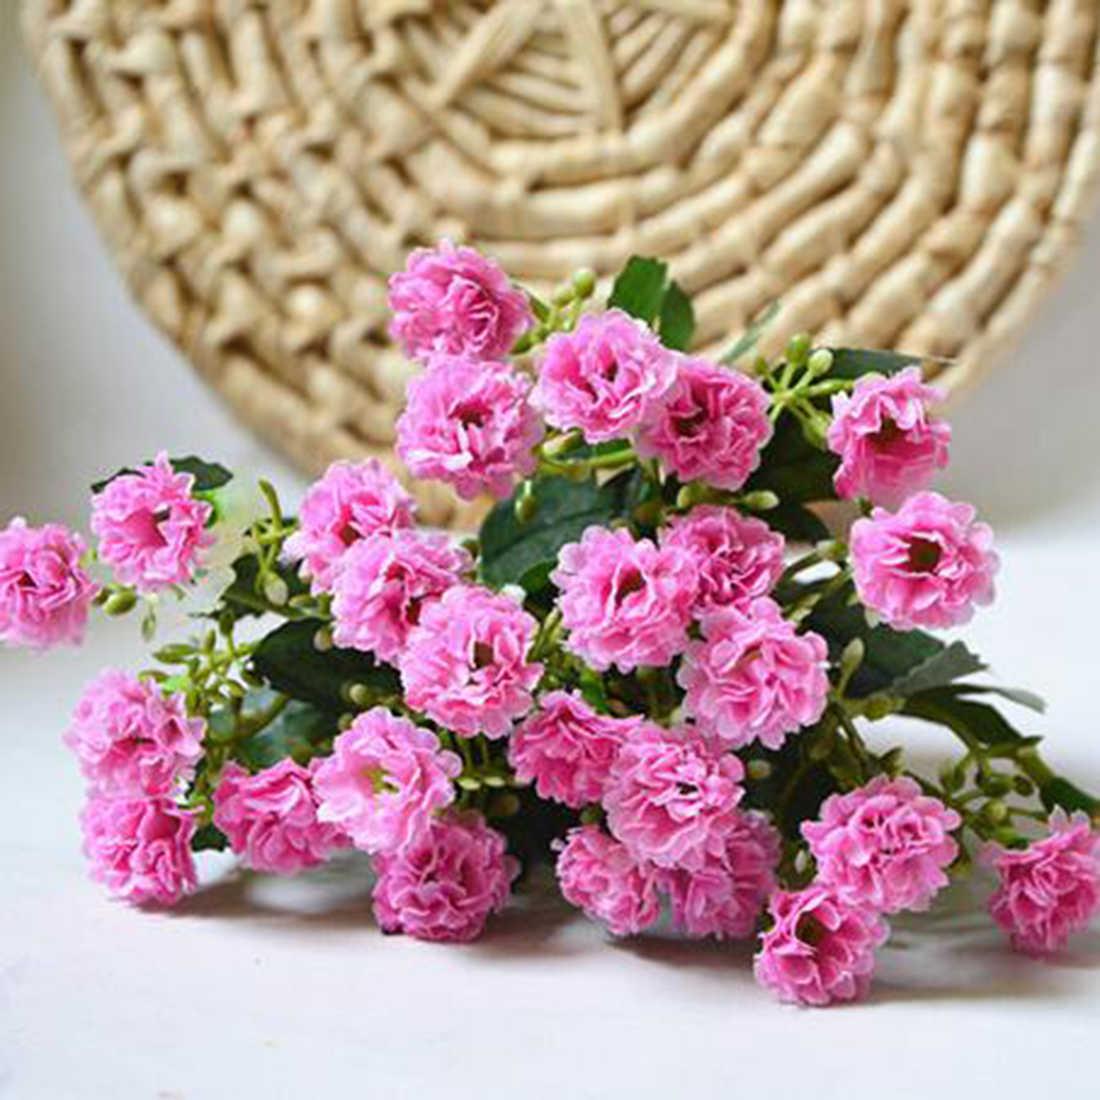 Moda sztuczne jedwabne kwiaty goździk 30 pąków kwiaty 6 oddziałów 1 bukiet matka kwiat bzu Craft na wesele strona główna